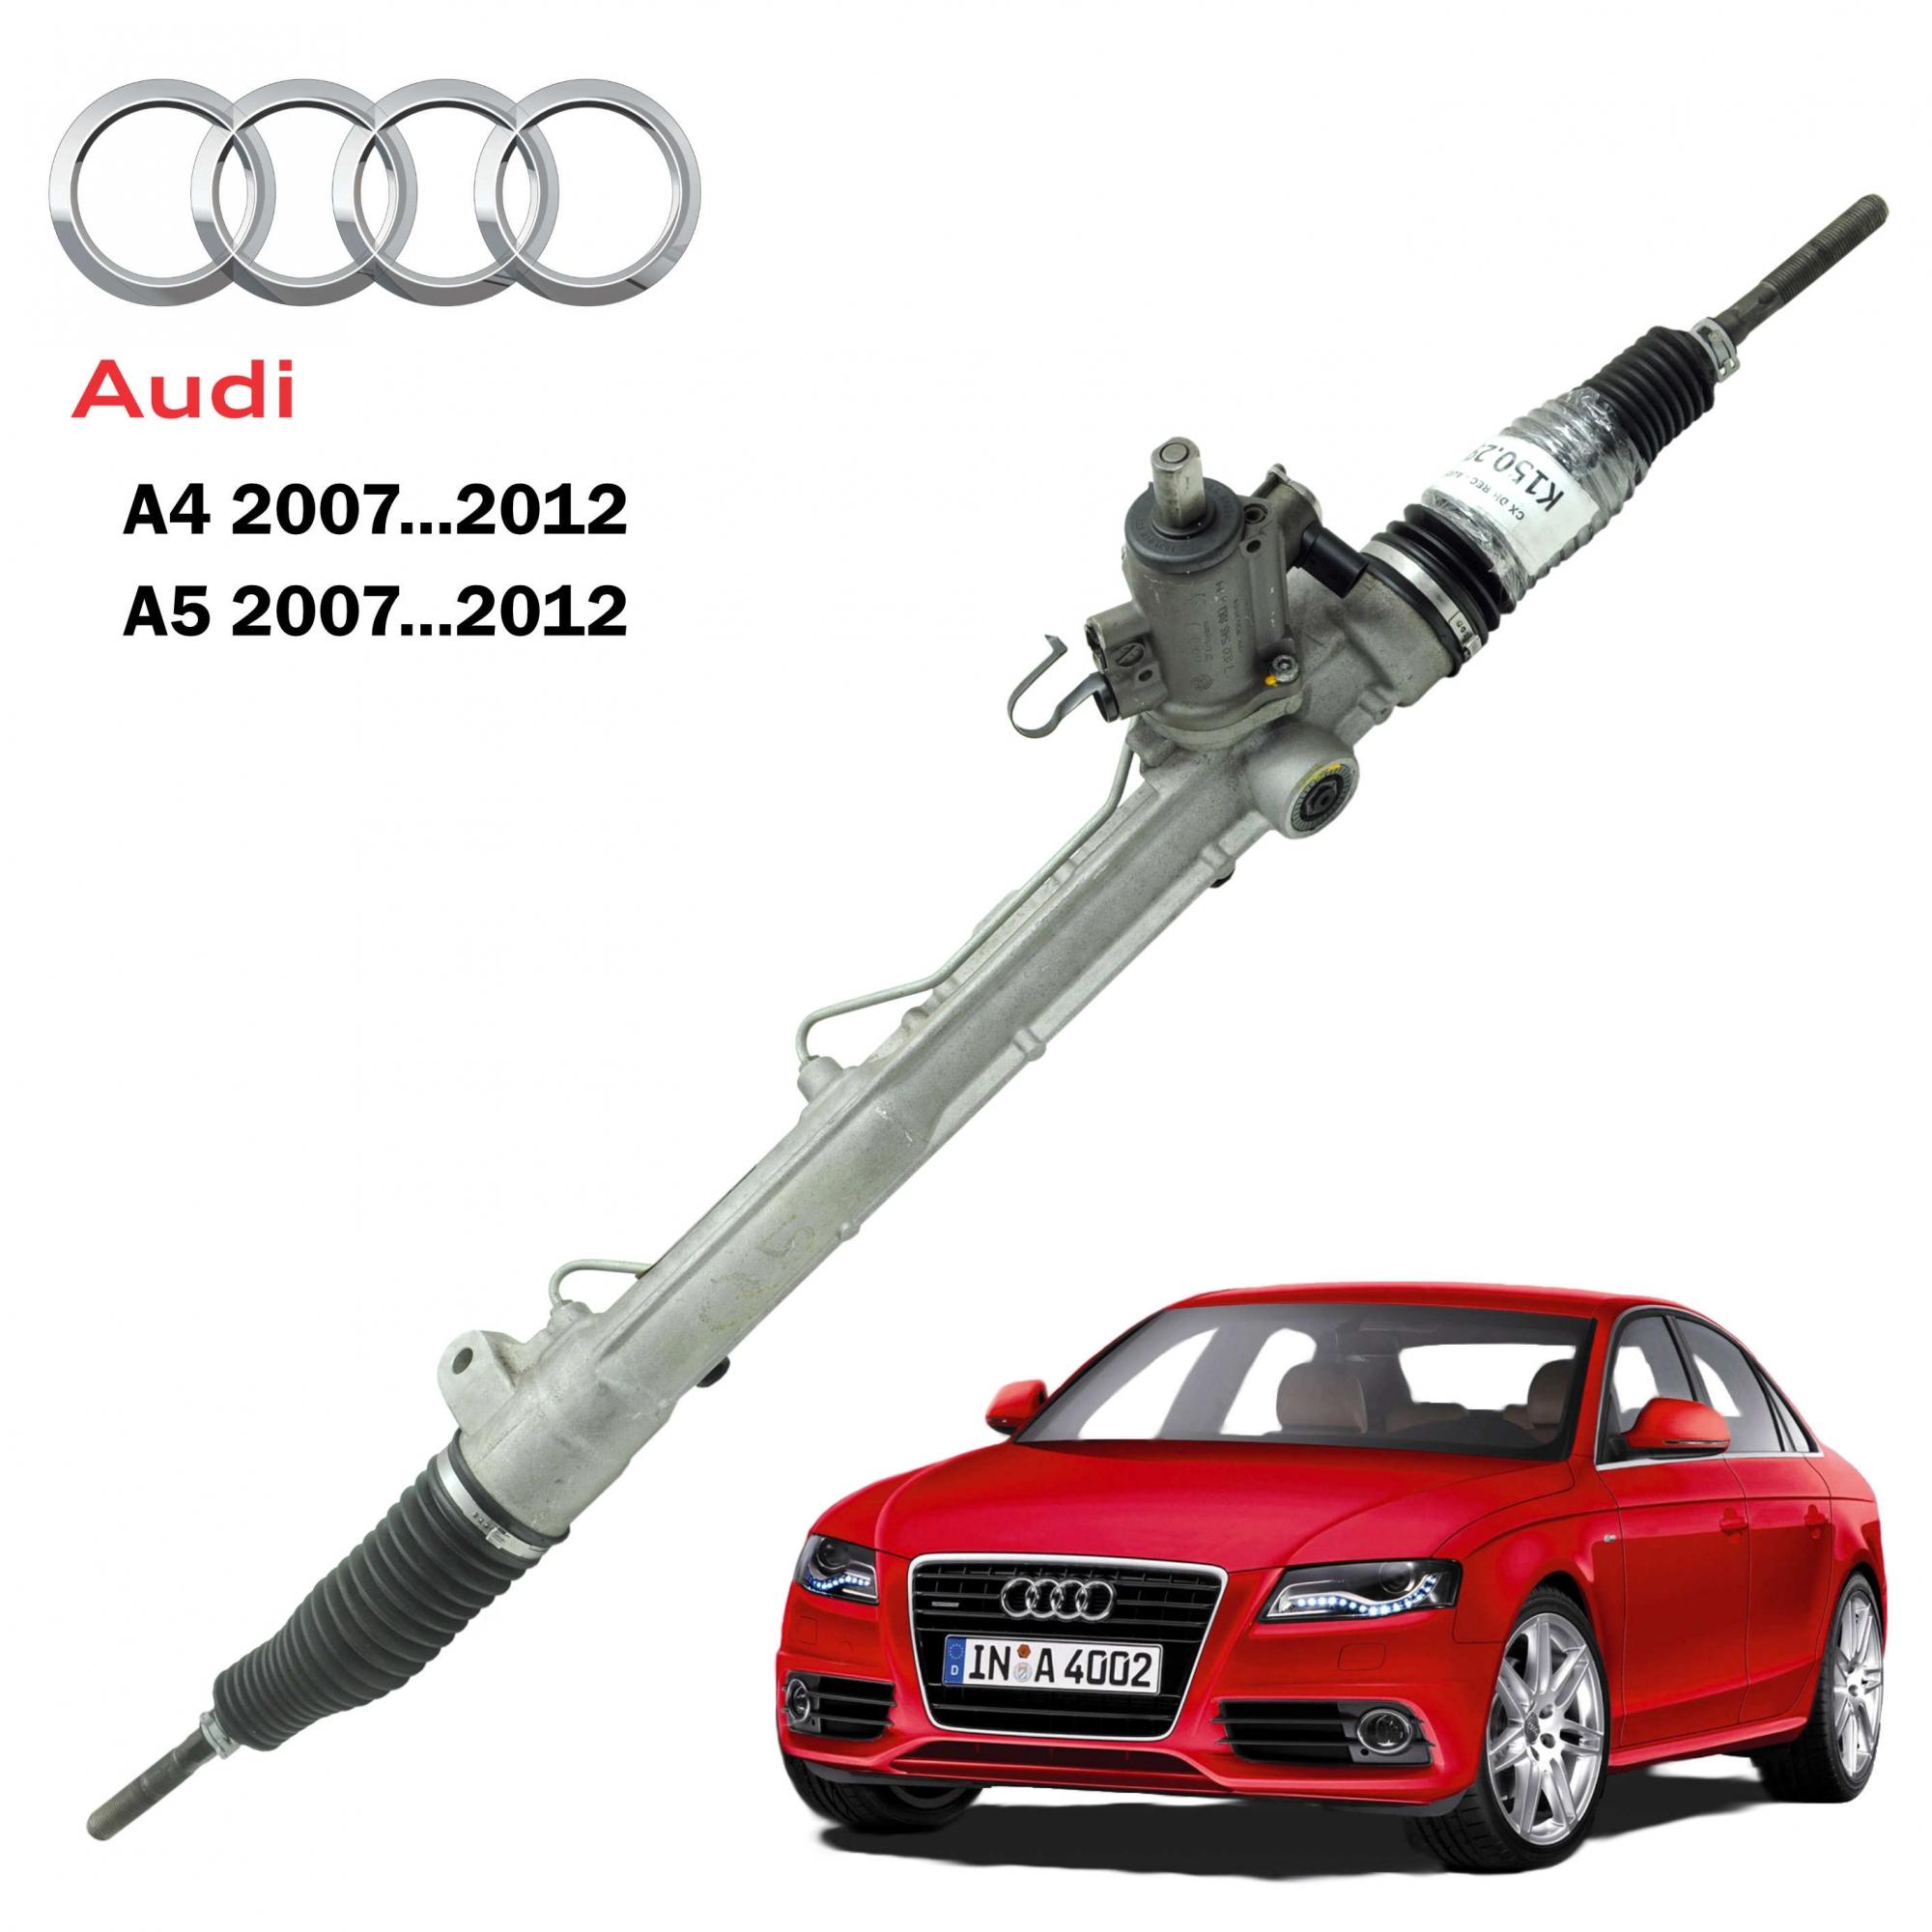 Caixa Direção Hidráulica Audi A4, A5 07...12 - 8T1422065P